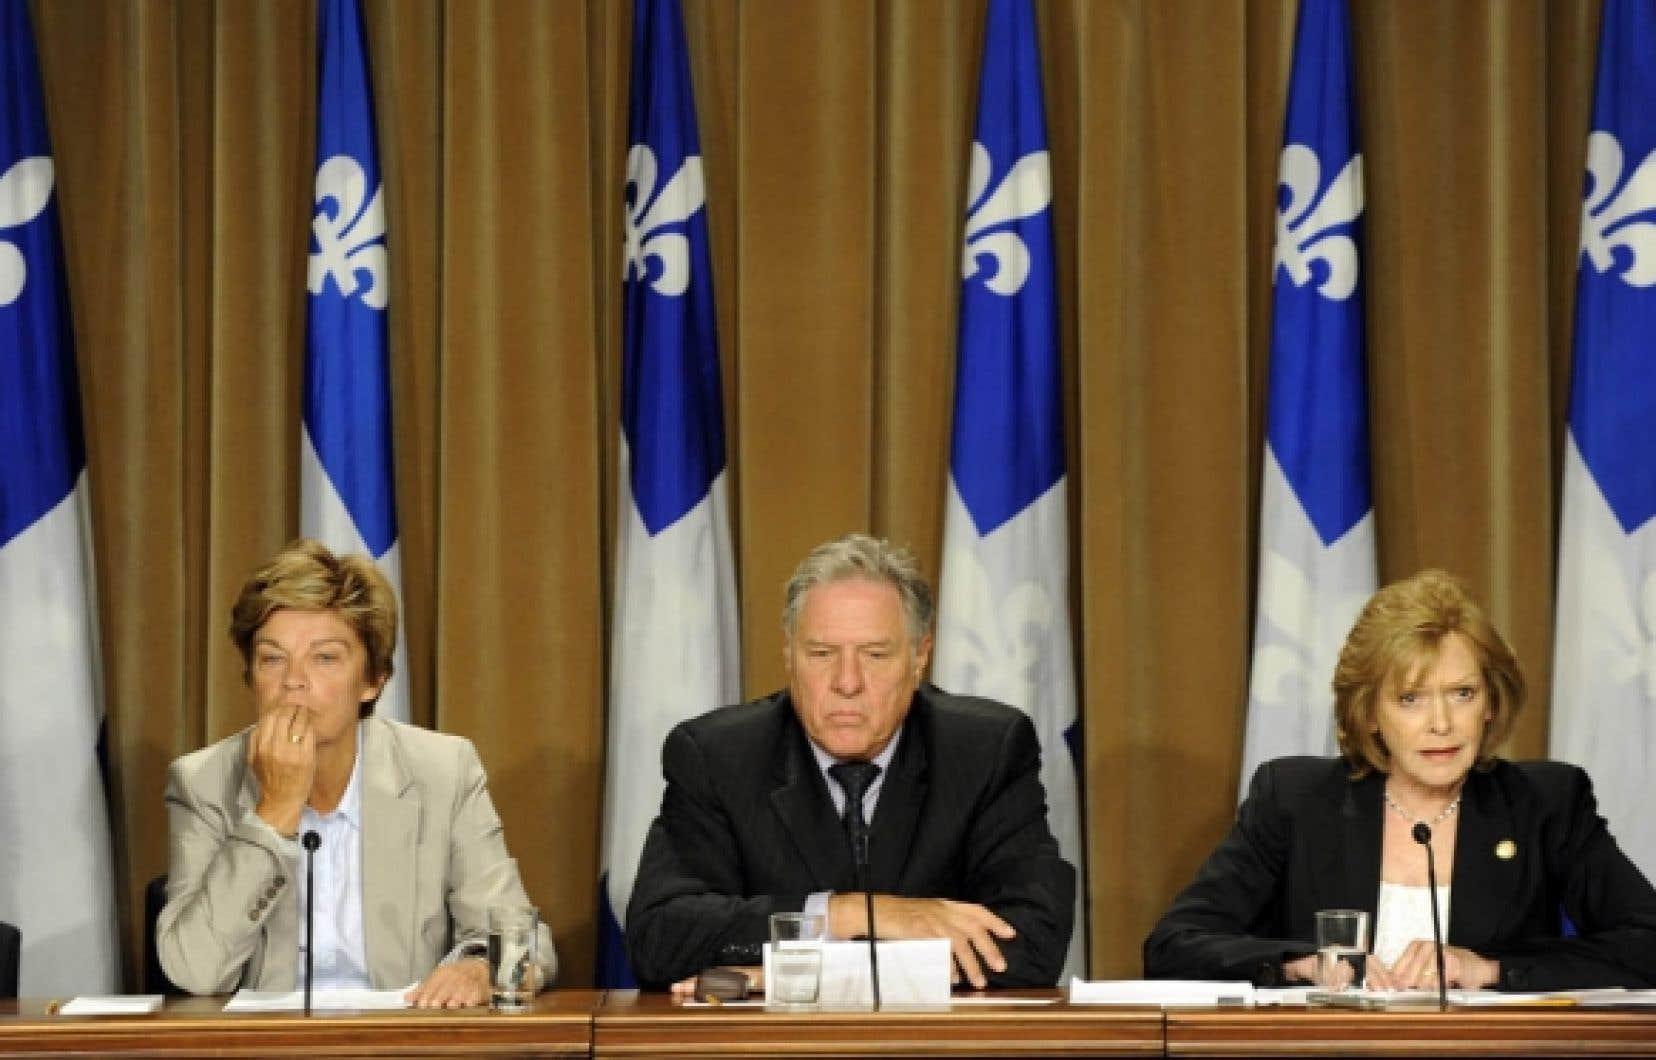 Louise Beaudoin, Pierre Curzi et Lisette Lapointe ont condamné l'«autorité outrancière» de l'entourage de la chef, lequel entourage serait «obsédé par le pouvoir».